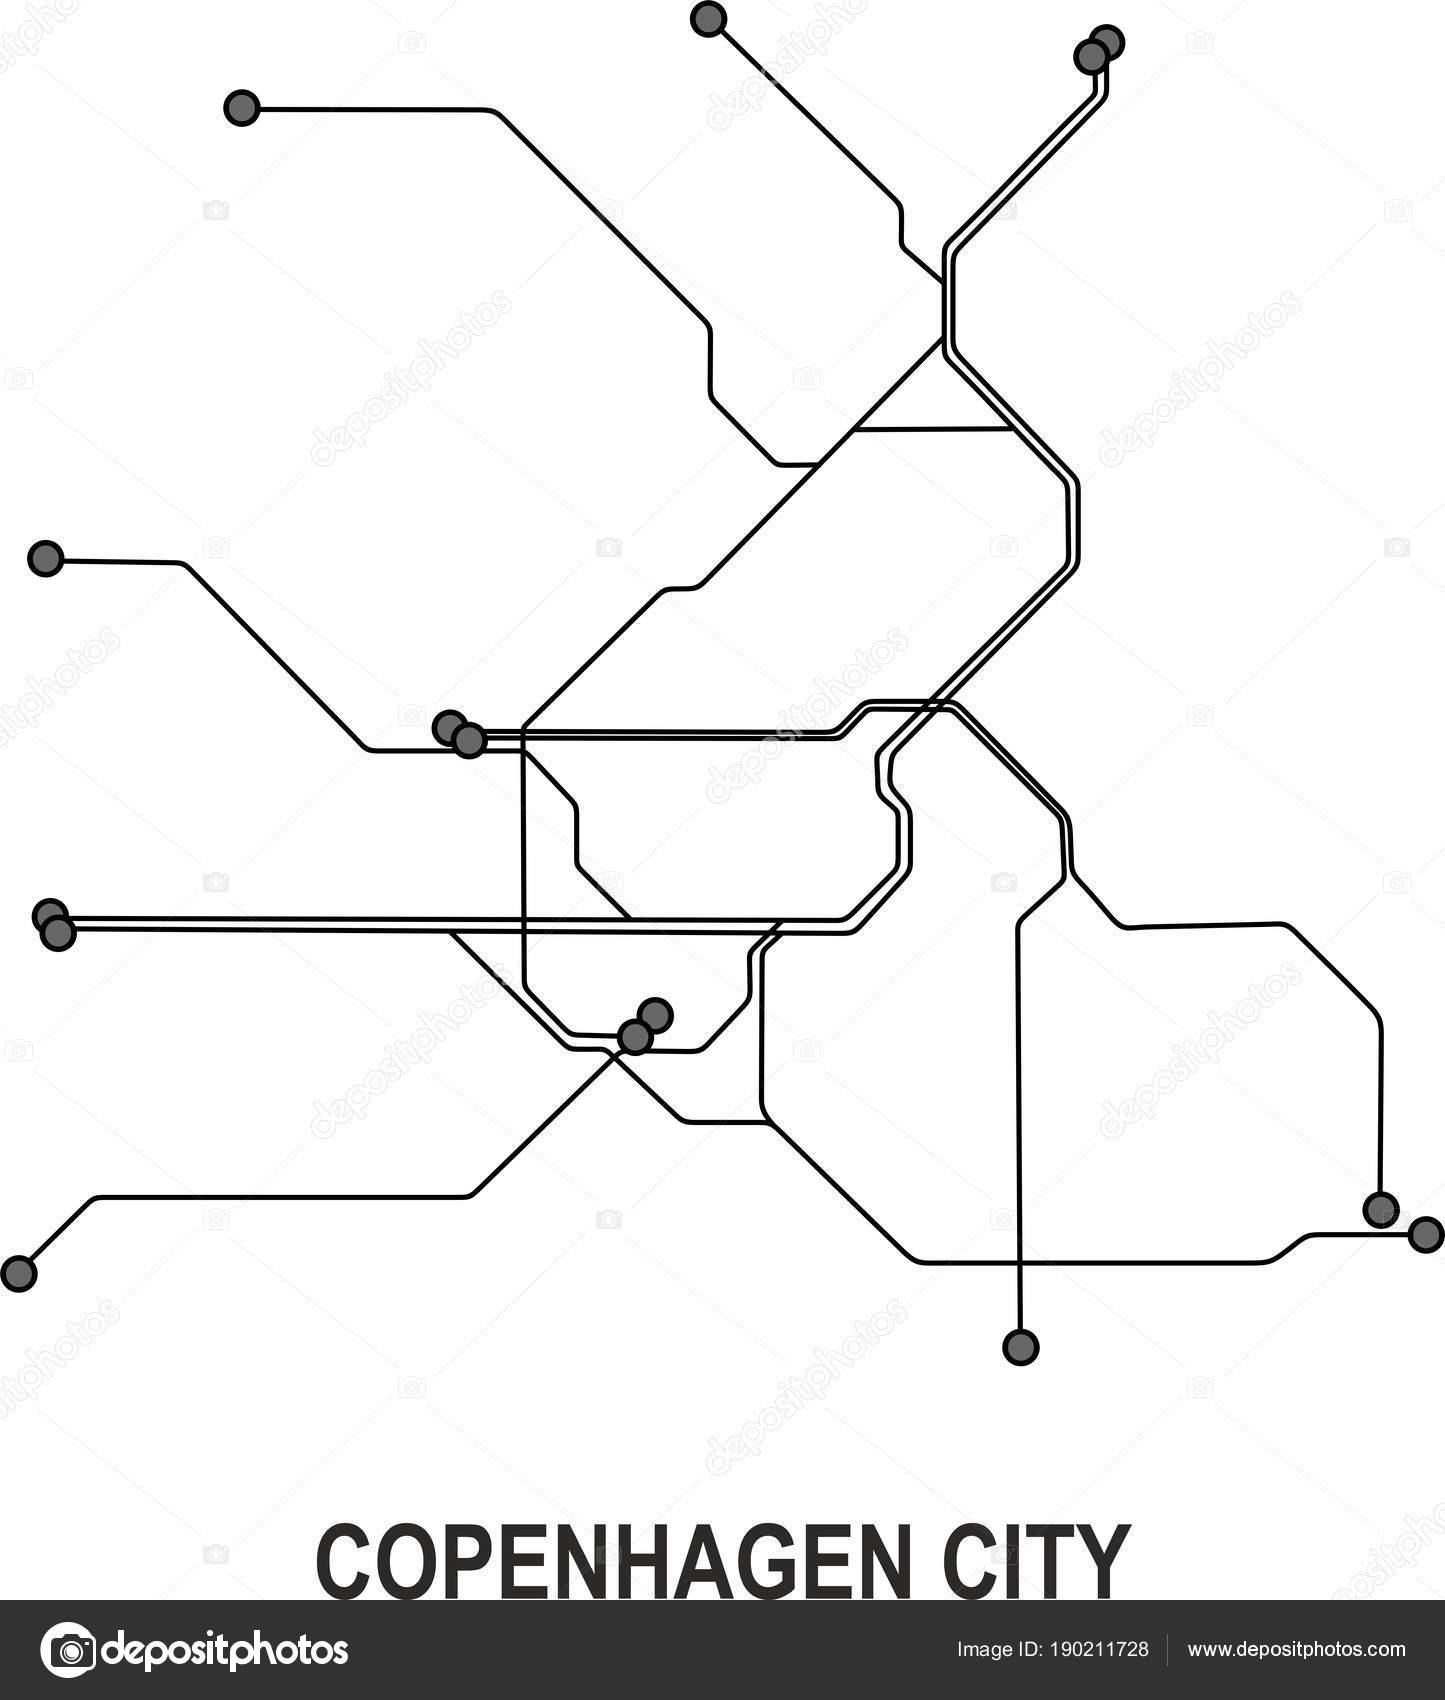 Subway Map Of Kopenhagen.Copenhagen Subway Vector Map File Stock Vector C Fishvector 190211728